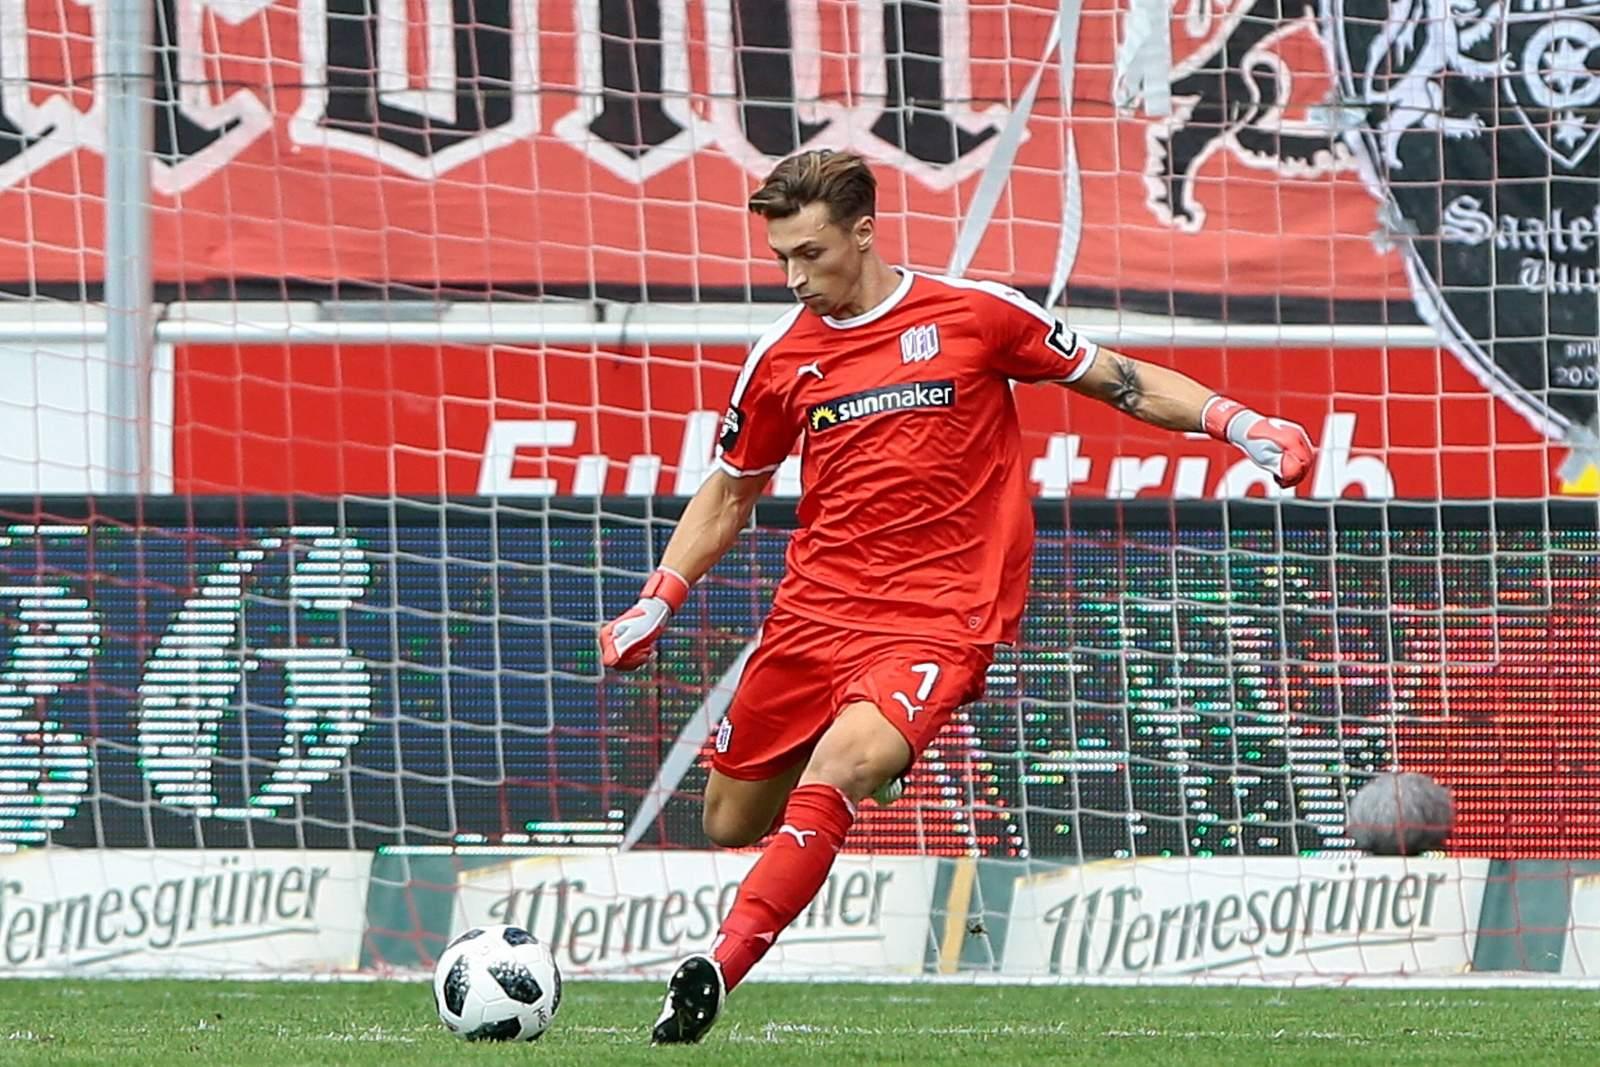 Nils Körber vom VfL Osnabrück beim Abschlag.